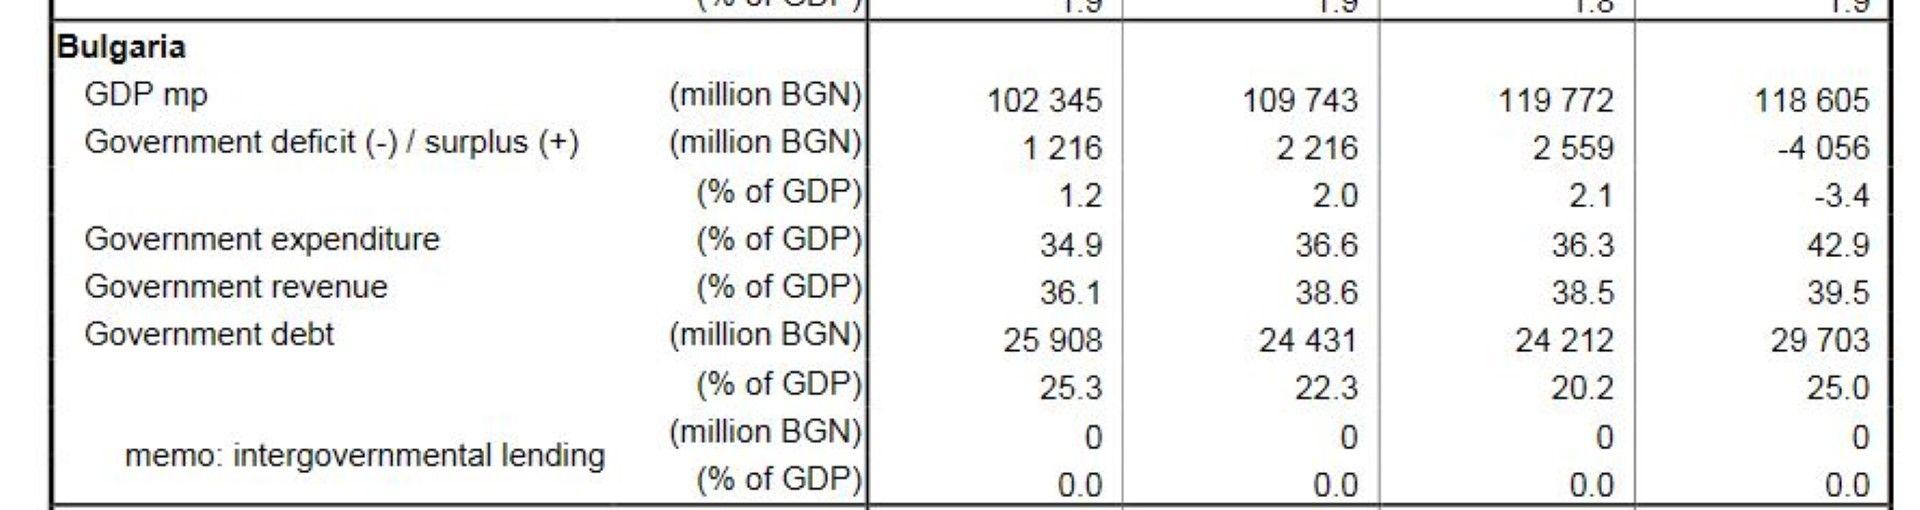 БВП, държавен дефицит/излишък и дълг на България, съответно за 2017, 2018, 2019, 2020 г.